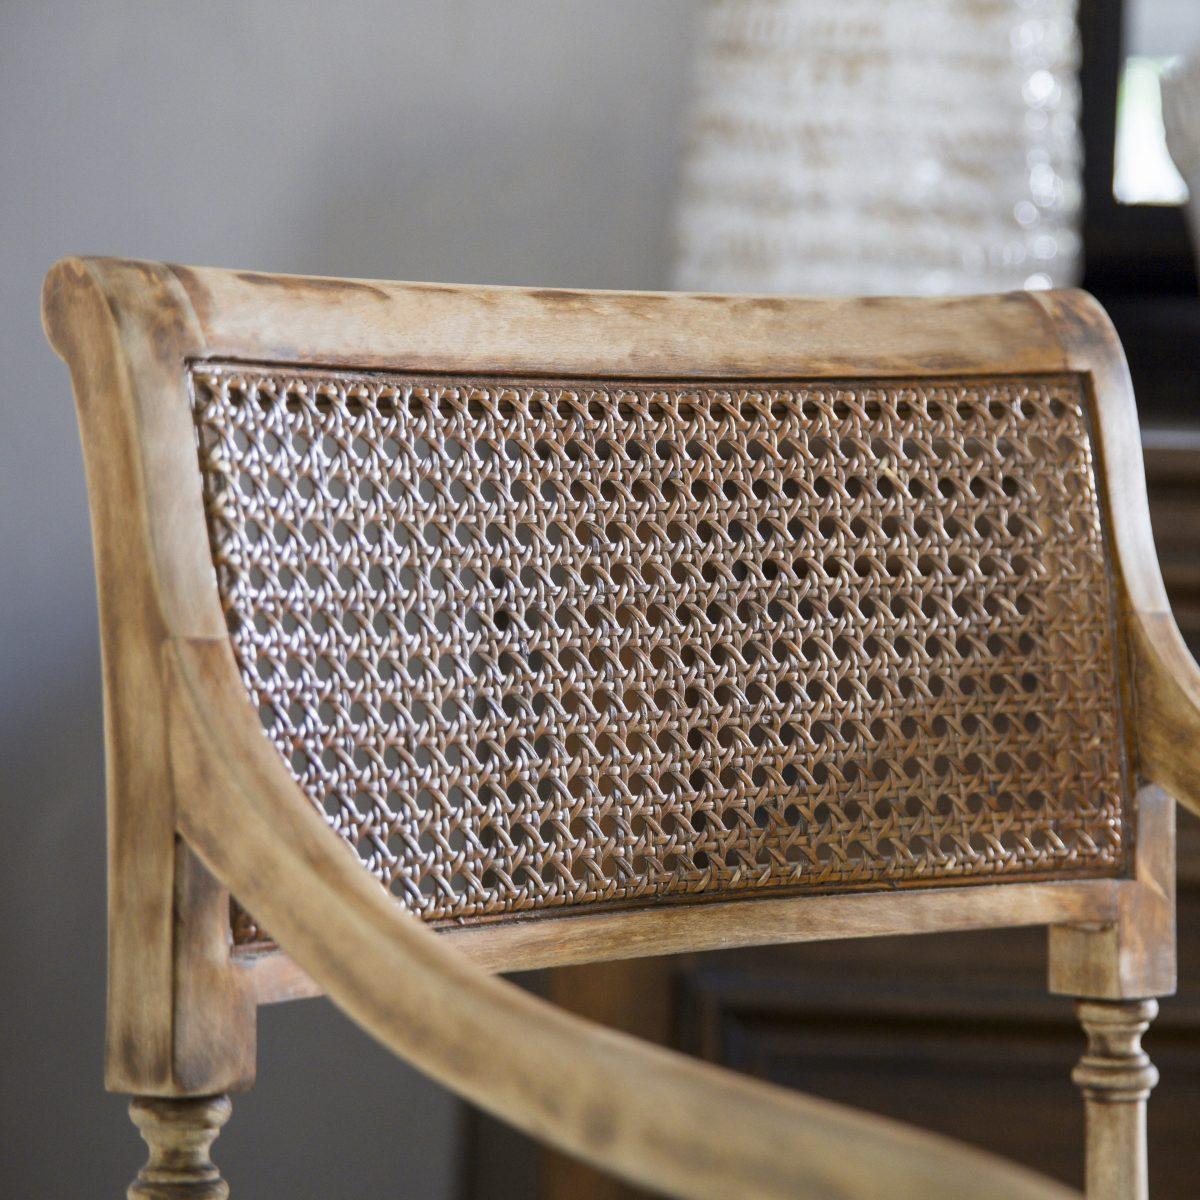 Silla antigua de madera con diseño espiga